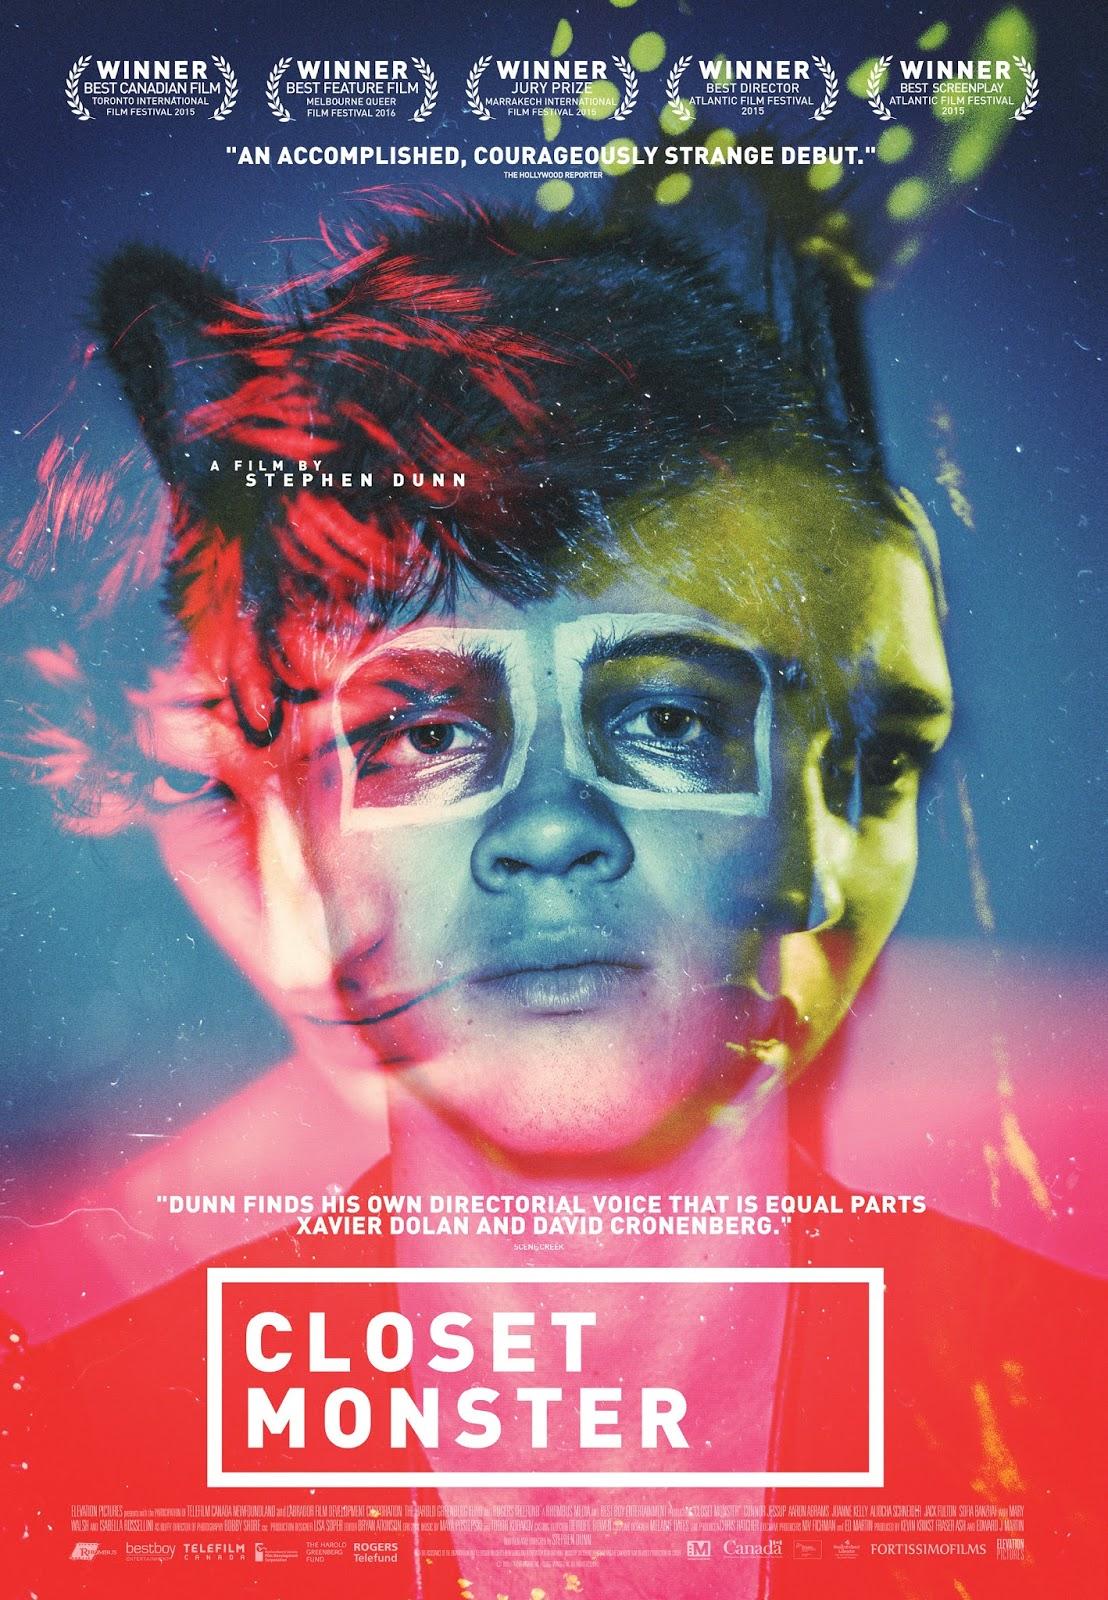 Closet Monster (2016)